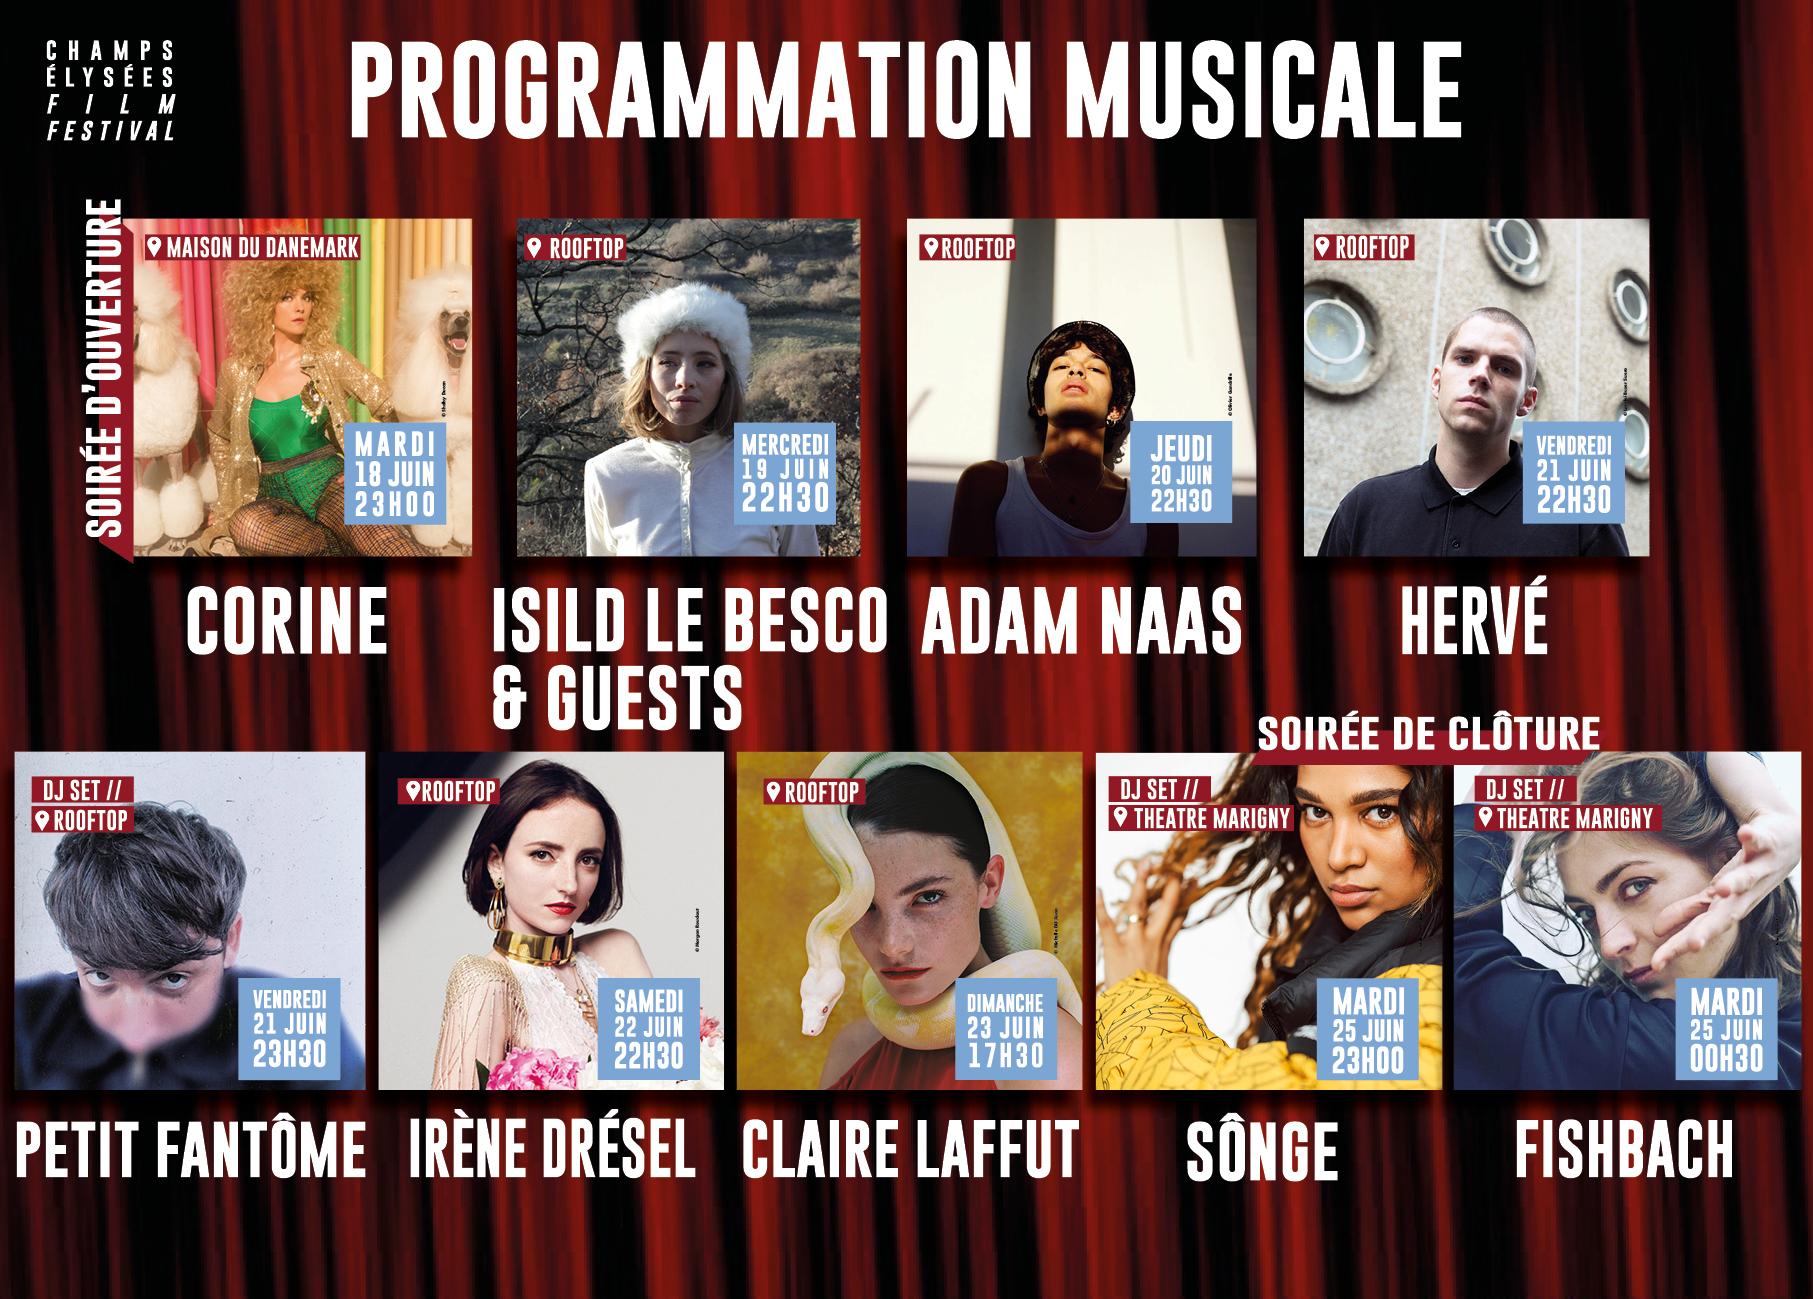 Champs-Elysées Film Festival 2019 programmation musicale